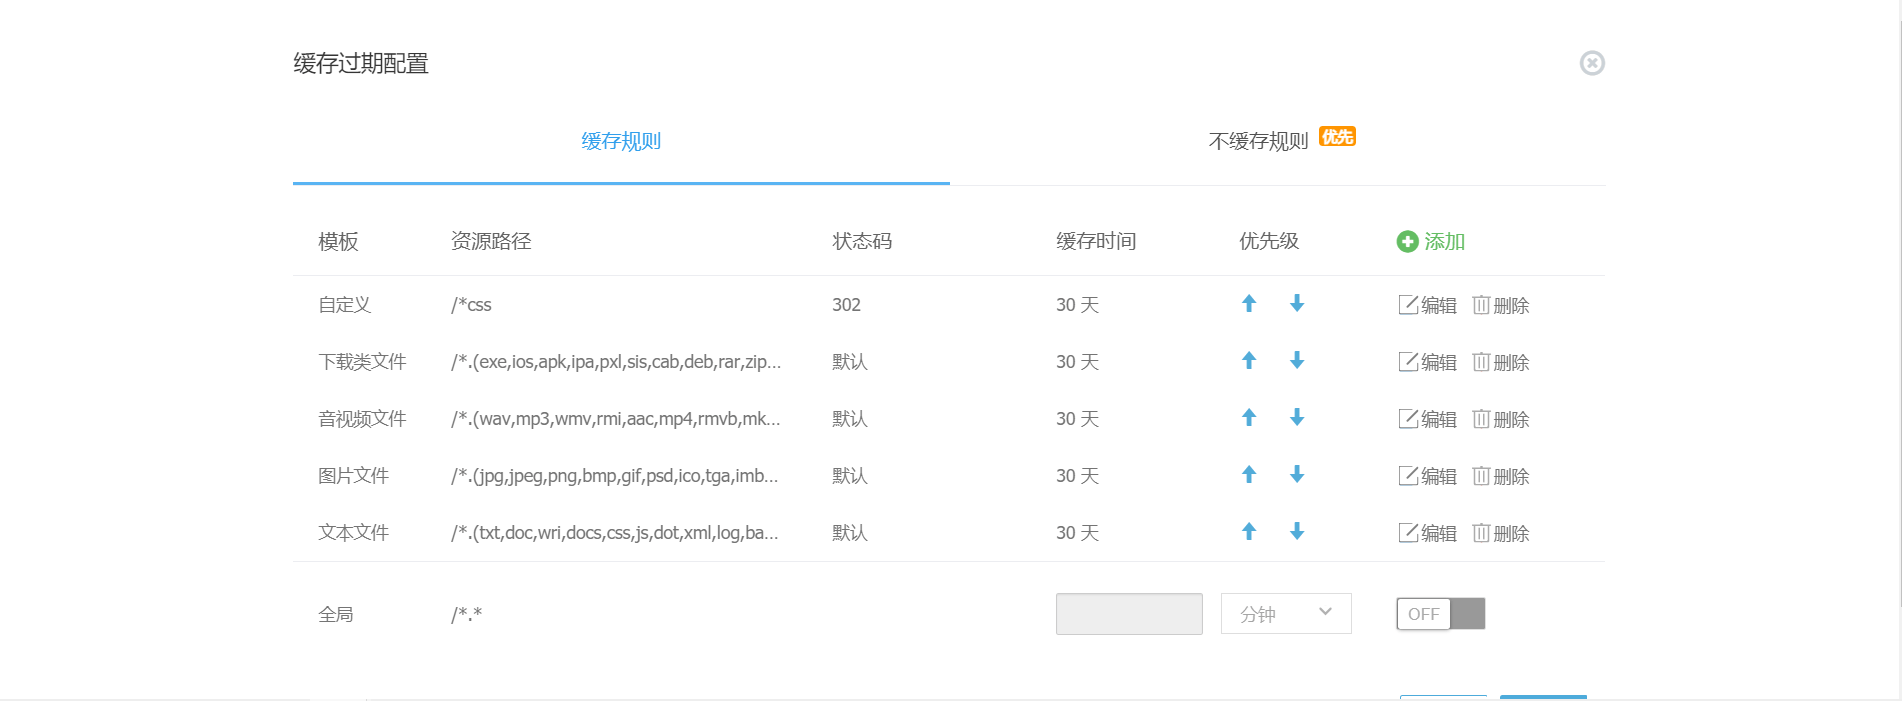 typecho开启CDN加速后无法登陆后台